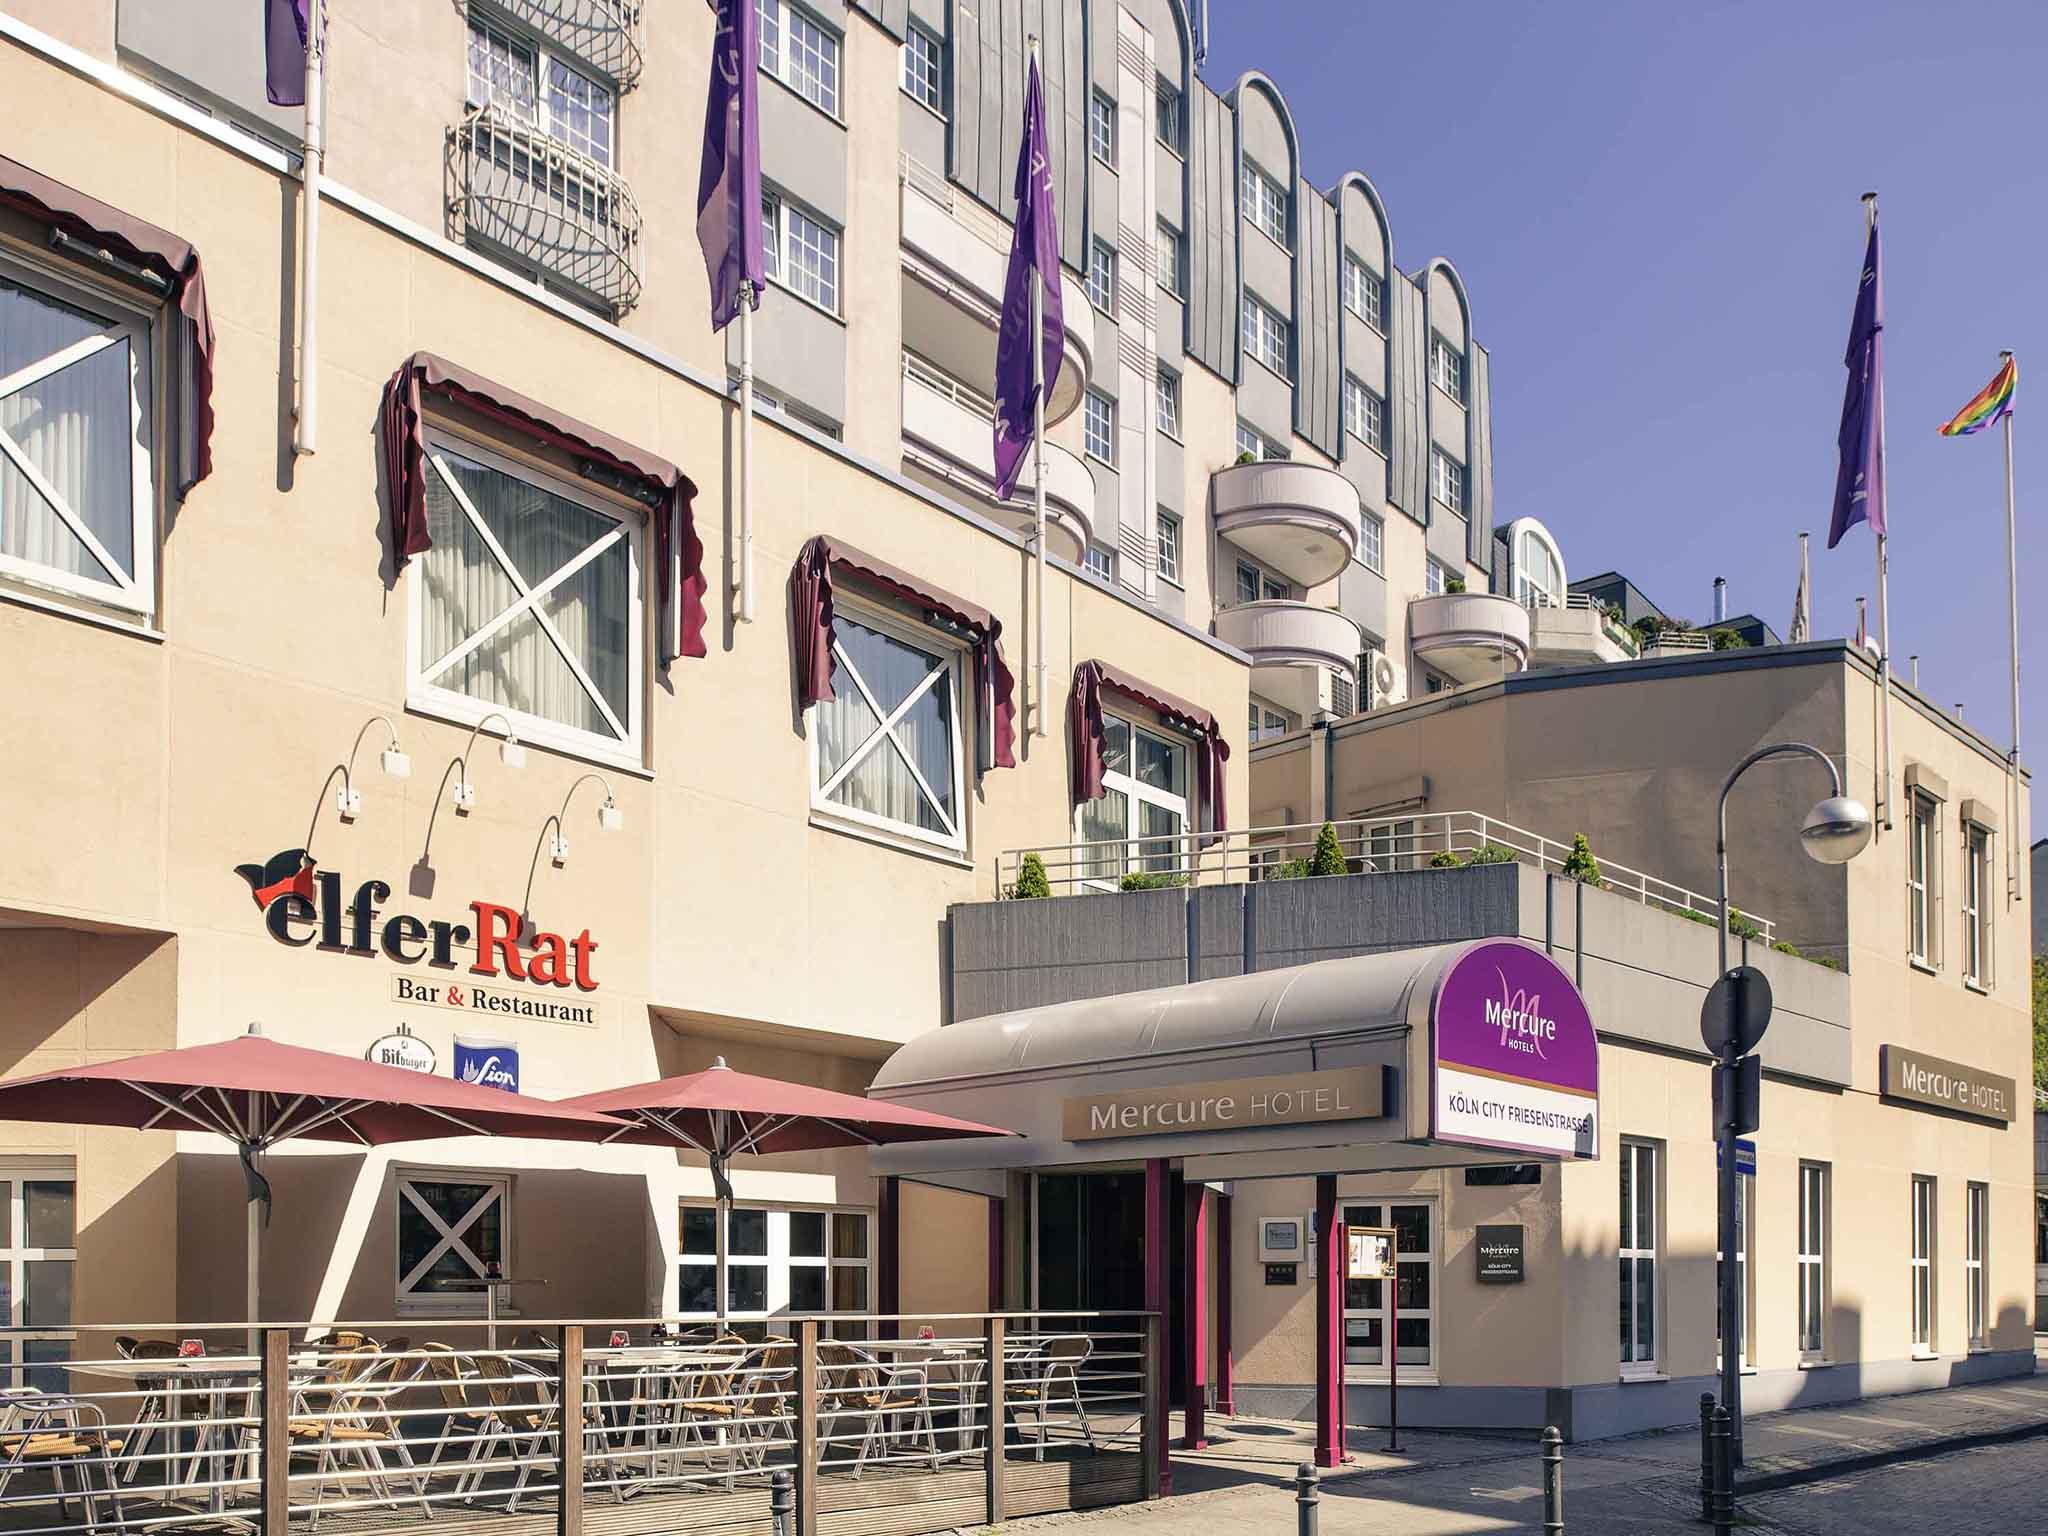 Hotel - Mercure Hotel Koeln City Friesenstrasse